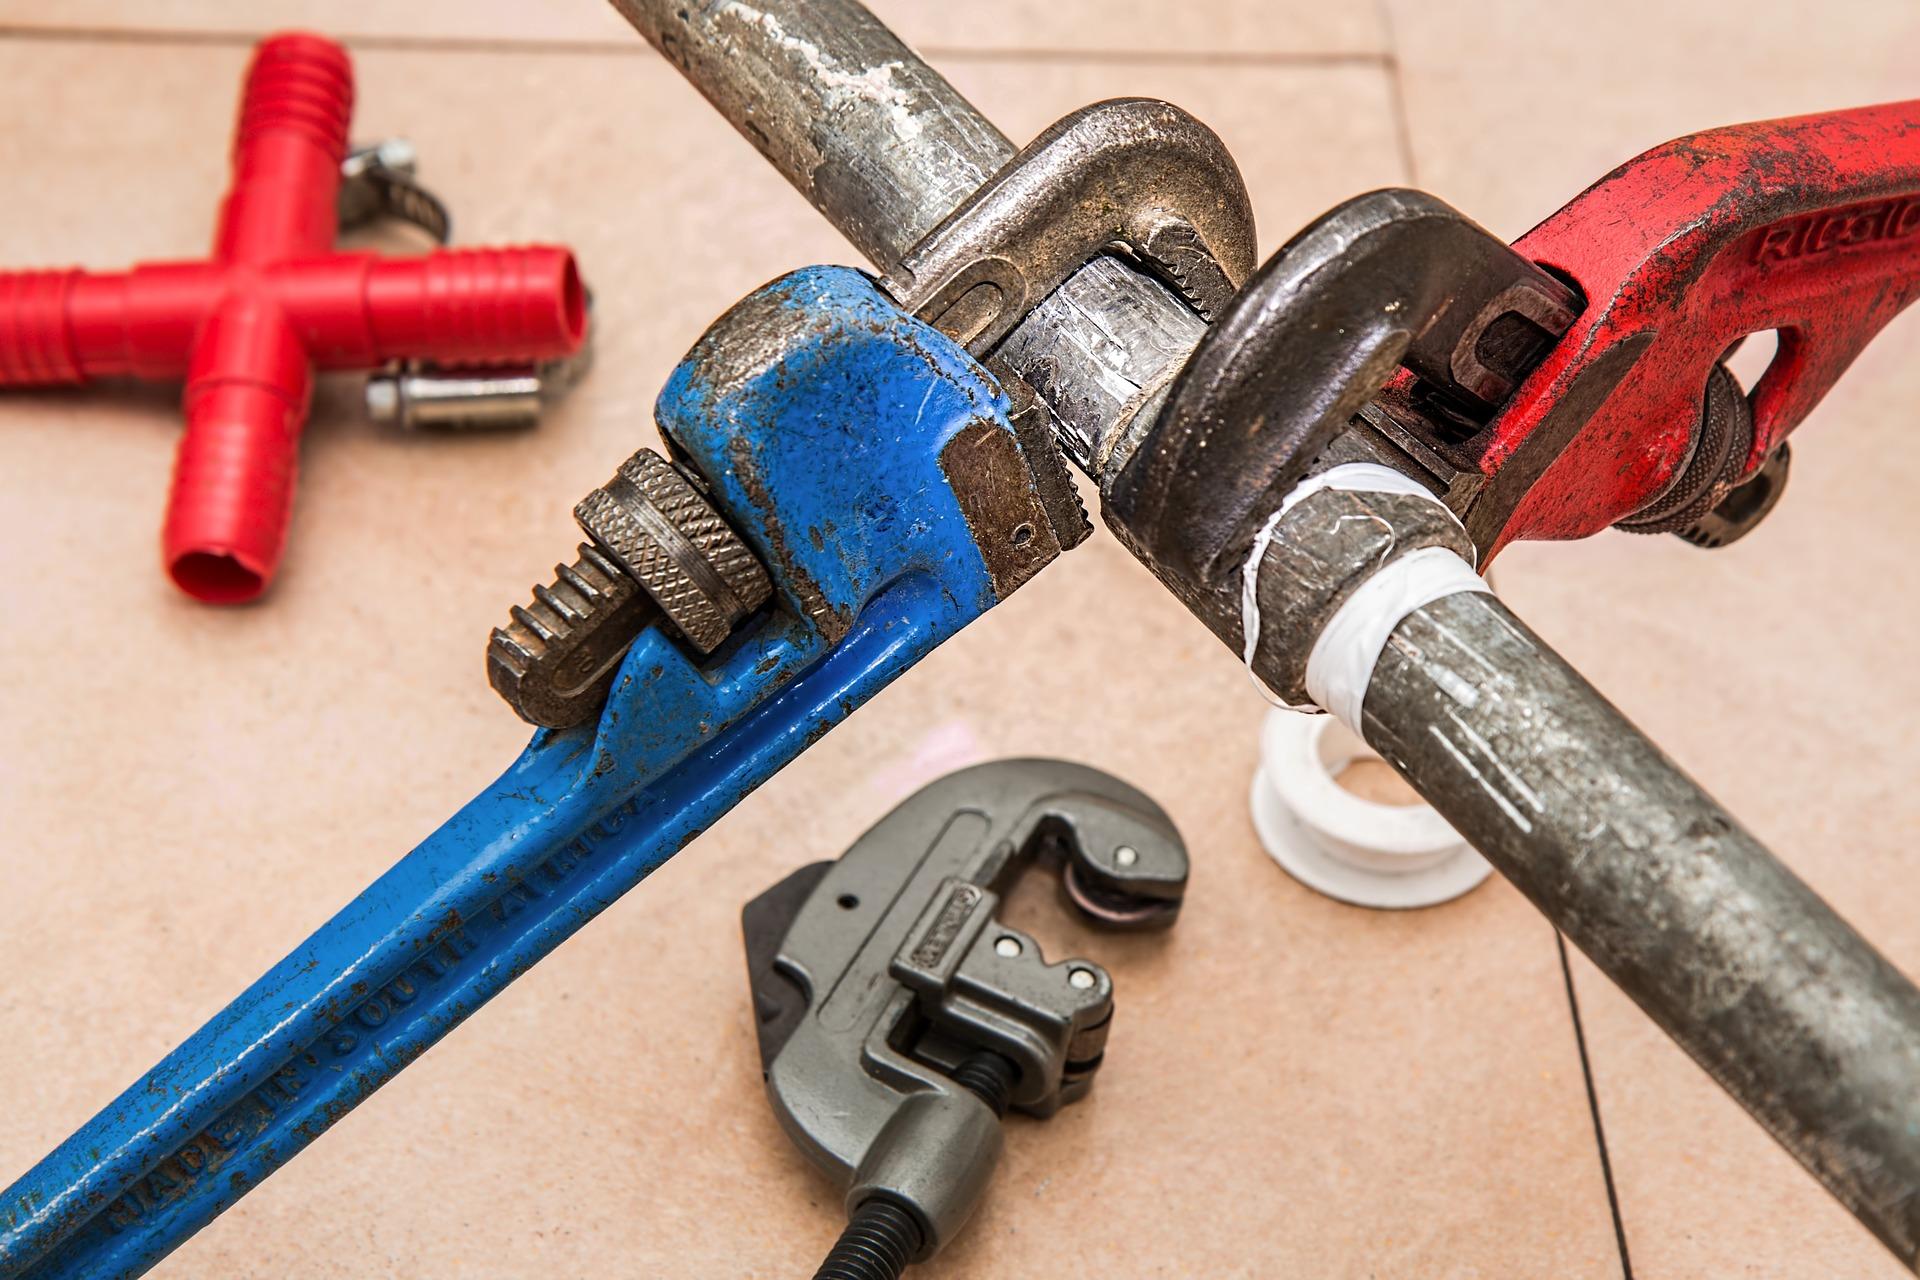 Brico et déco : comment éviter les accidents pendant les travaux de bricolage ?